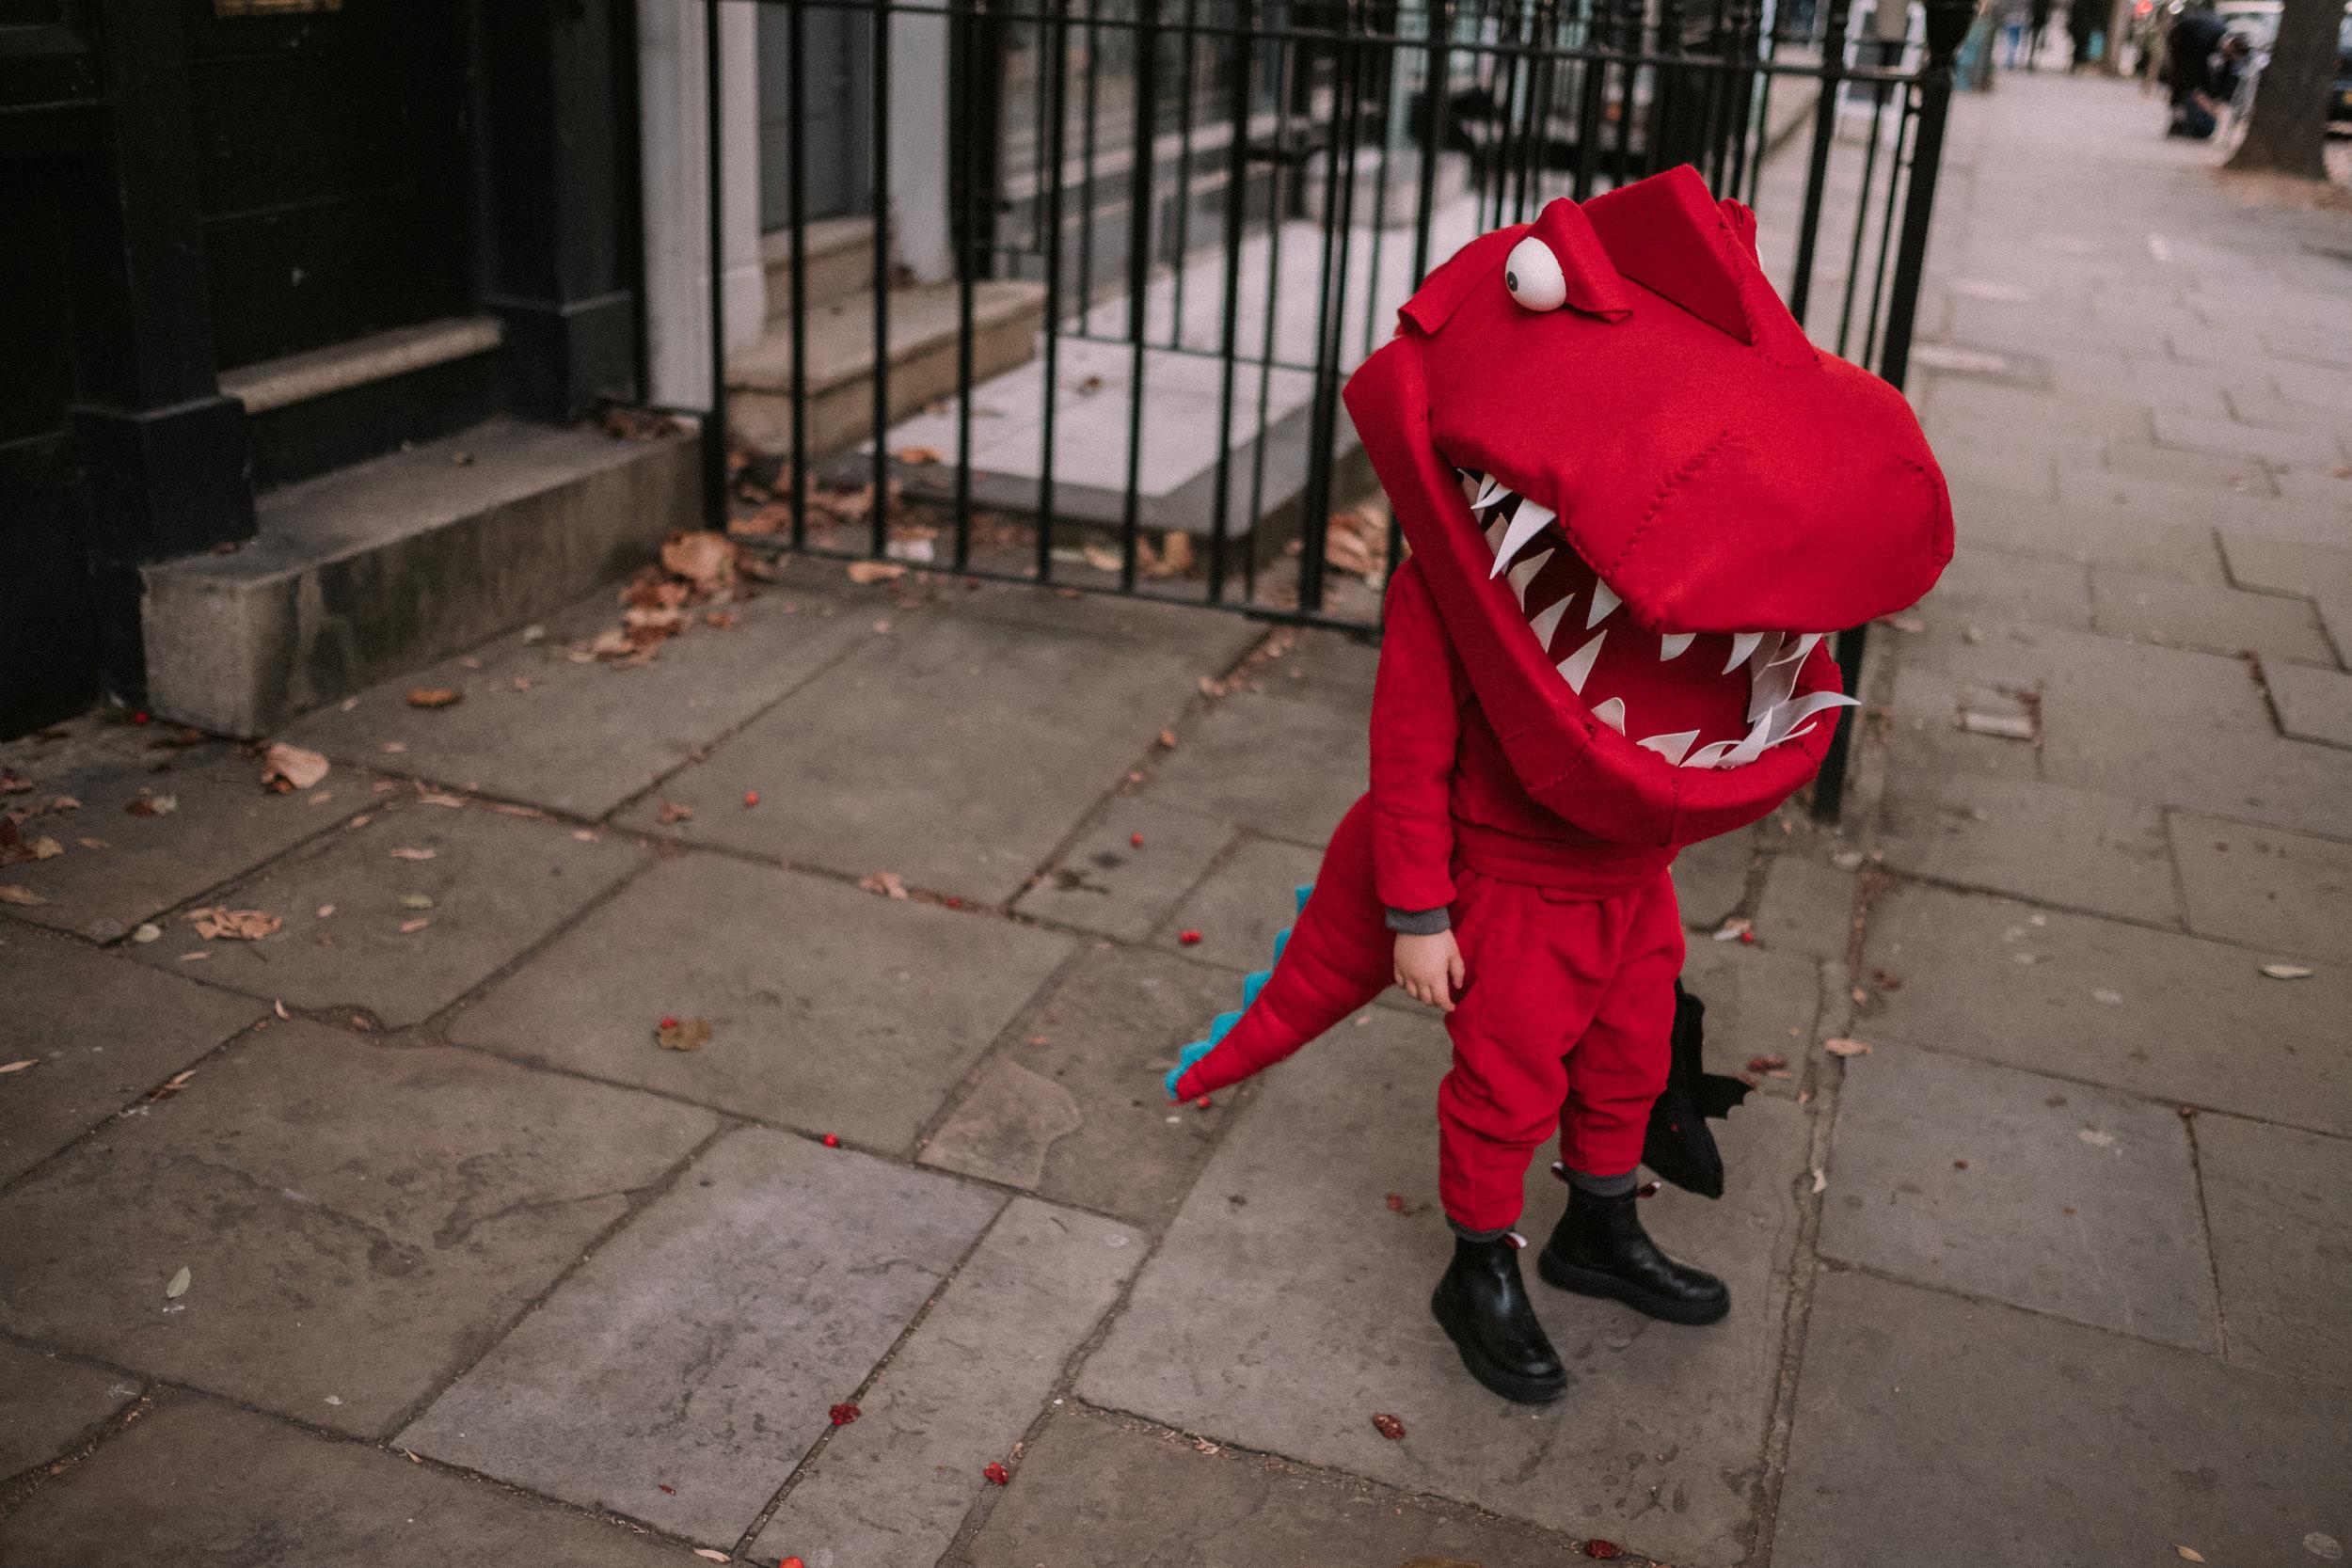 HalloweenDinosaurCostume-11.jpg